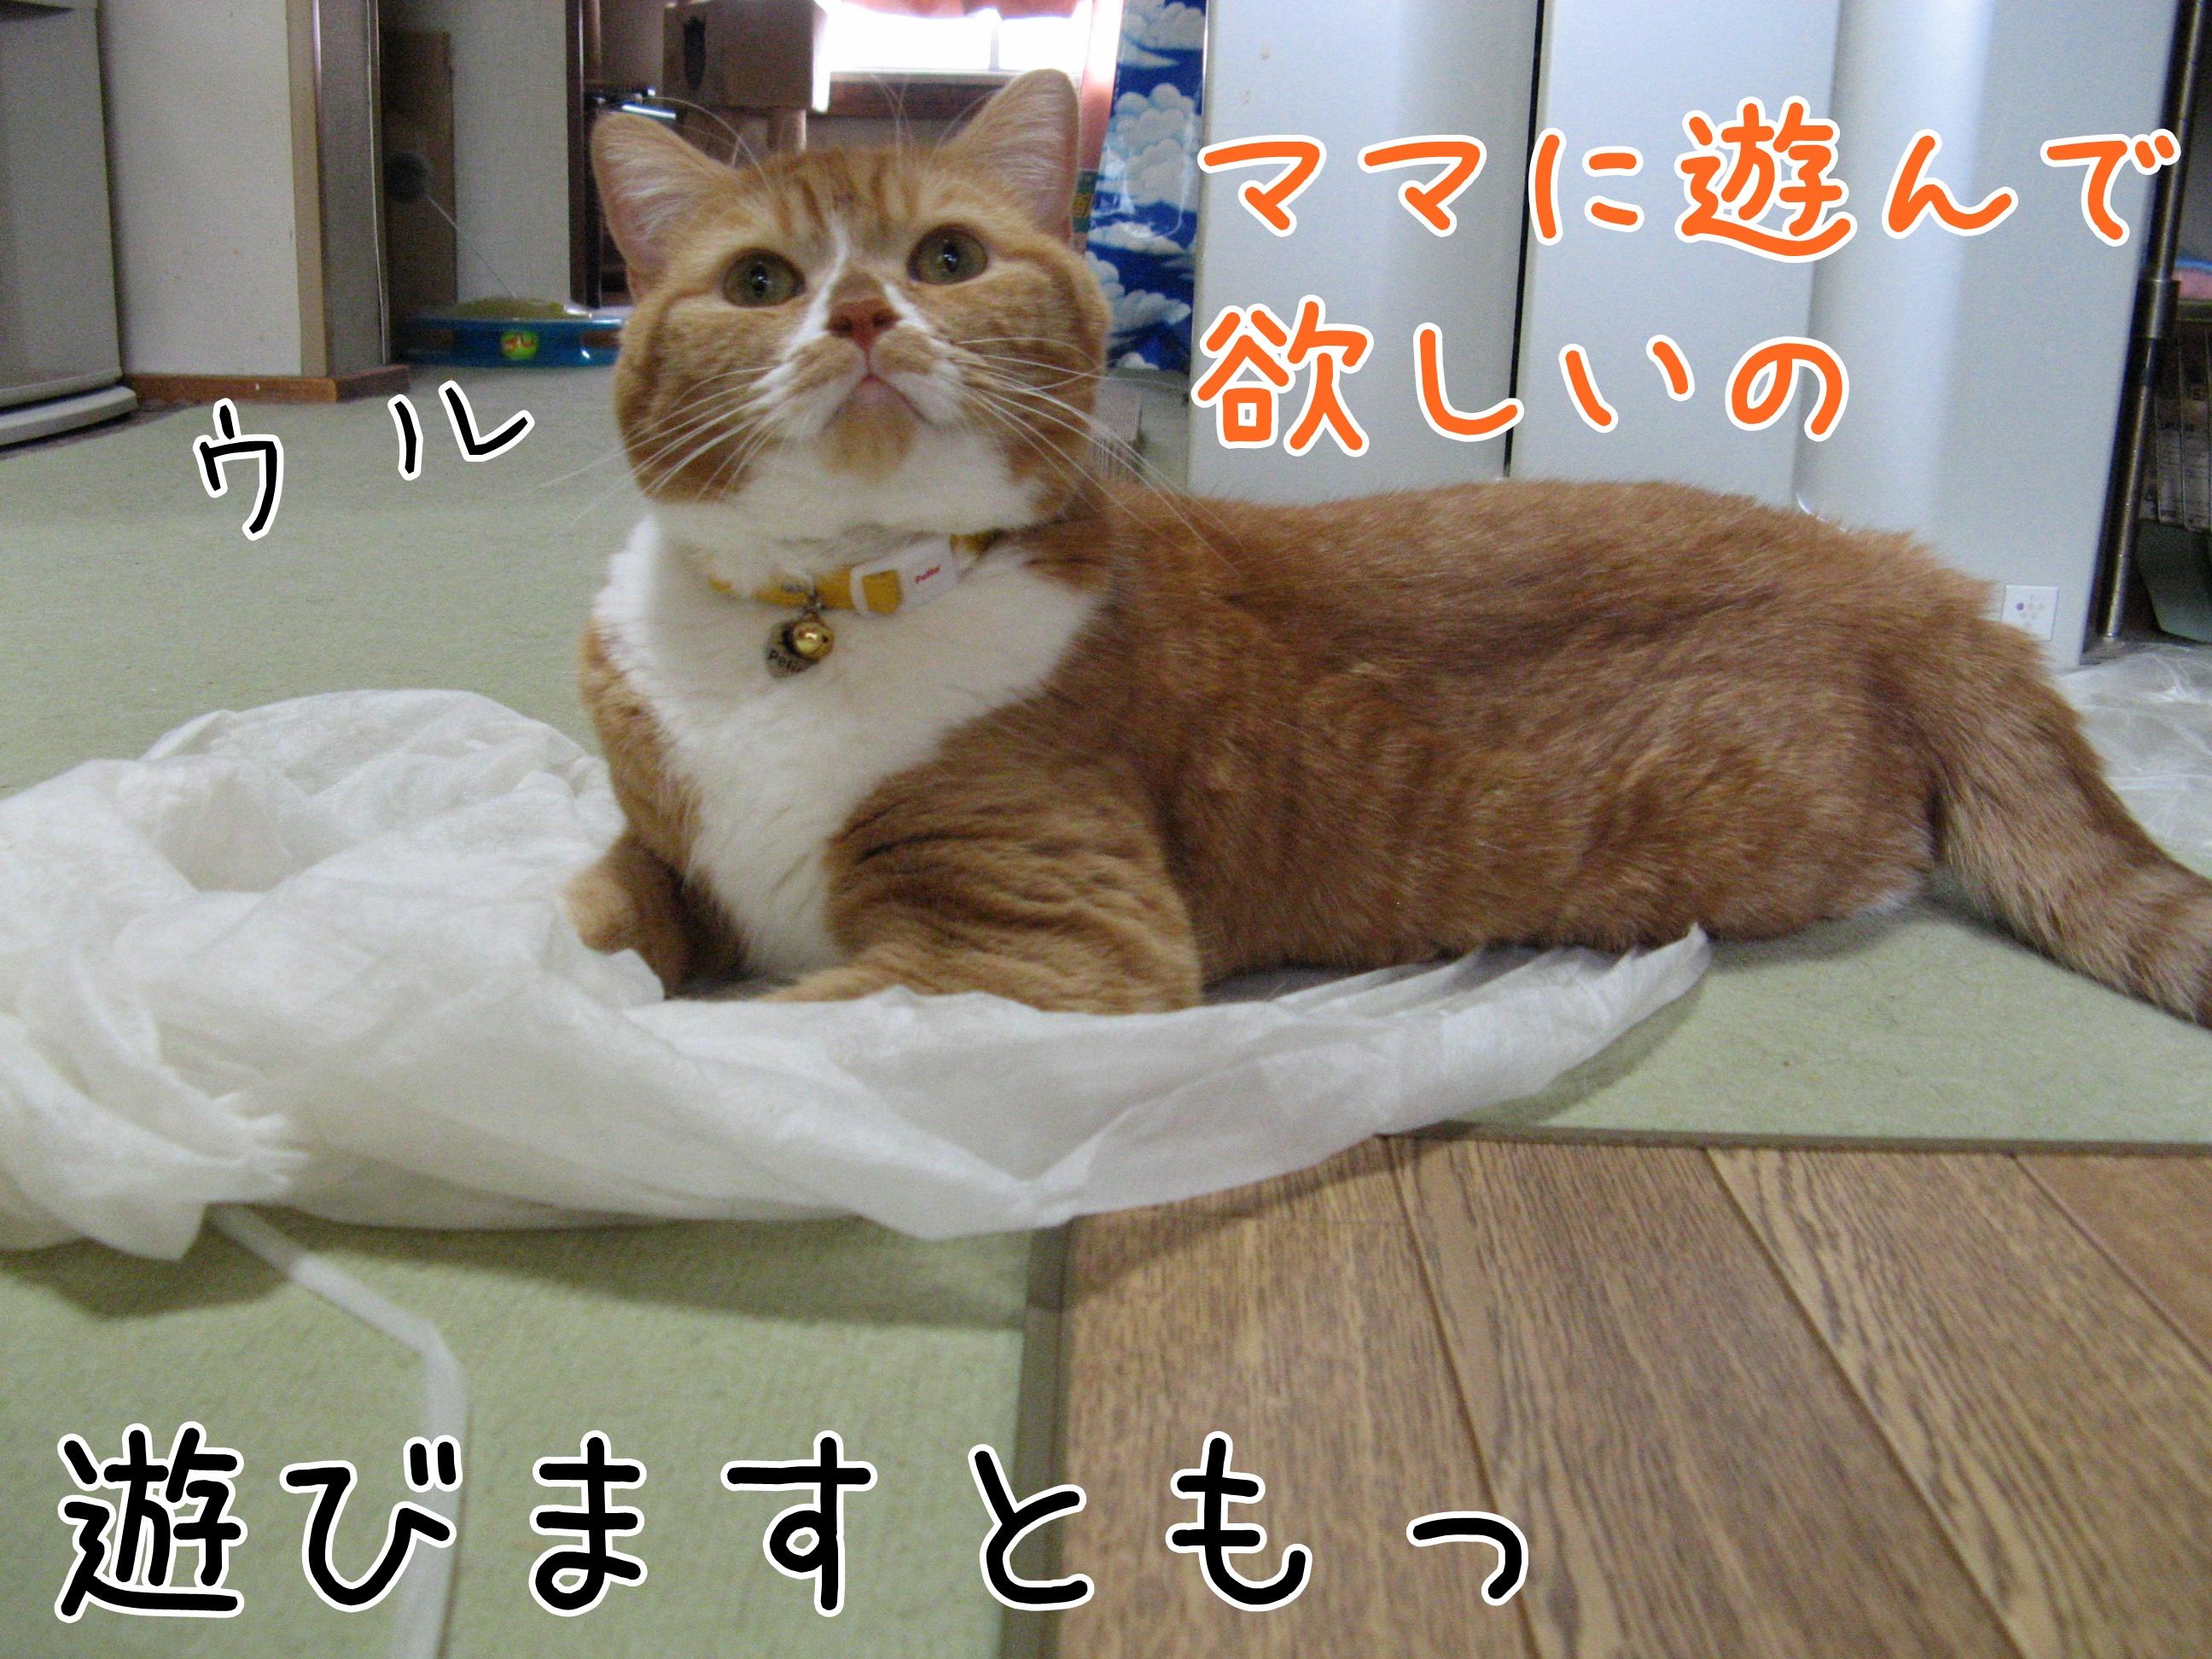 20160912-091446-01.jpg